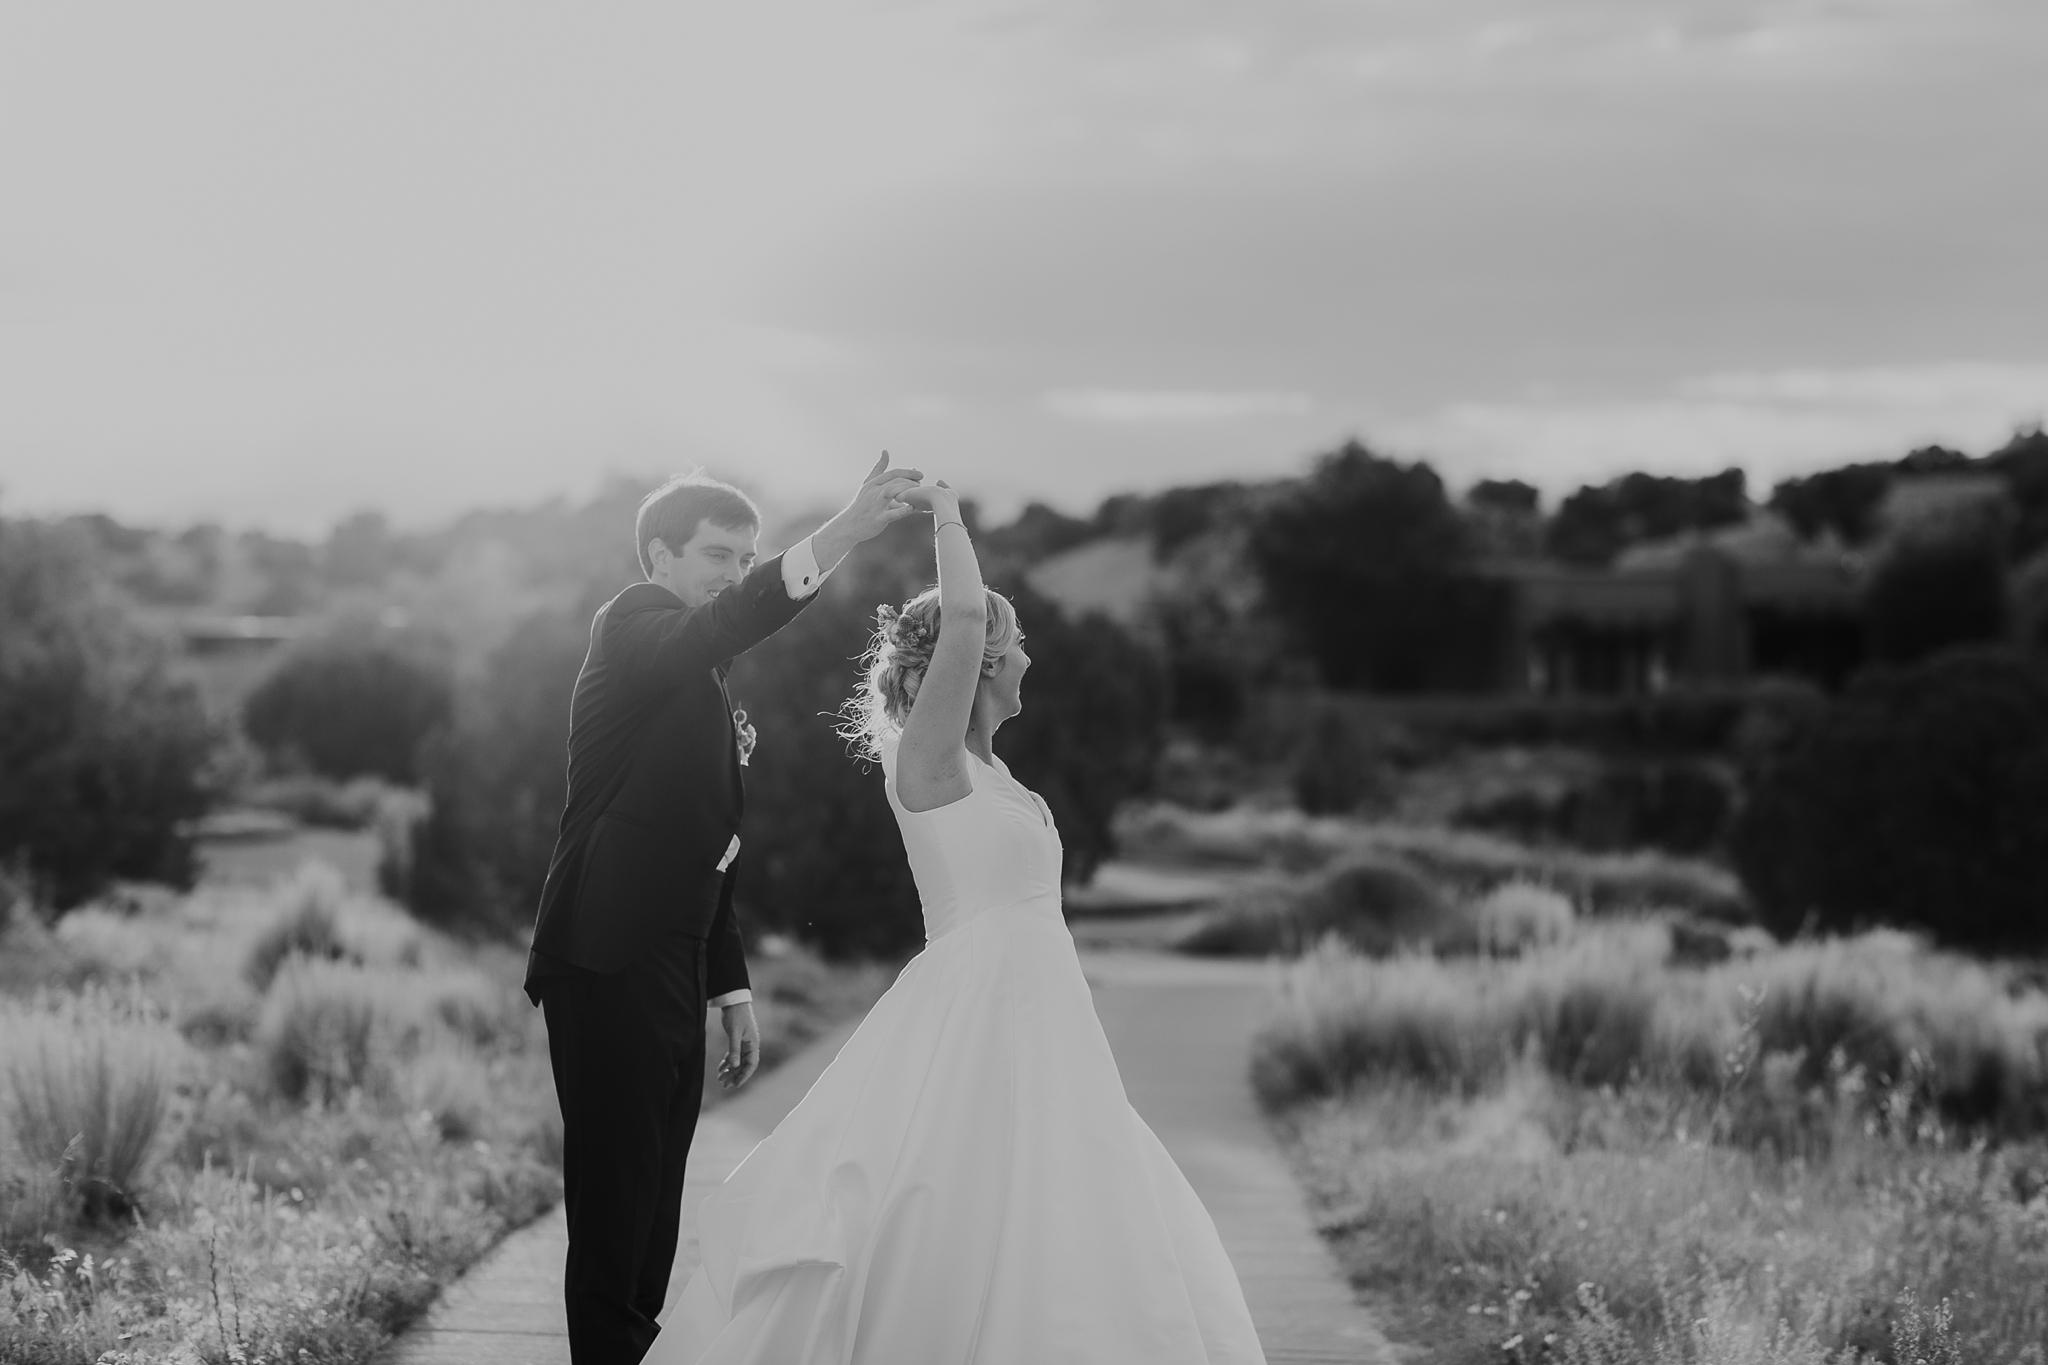 Alicia+lucia+photography+-+albuquerque+wedding+photographer+-+santa+fe+wedding+photography+-+new+mexico+wedding+photographer+-+new+mexico+wedding+-+las+campanas+wedding+-+santa+fe+wedding+-+maximalist+wedding+-+destination+wedding_0100.jpg